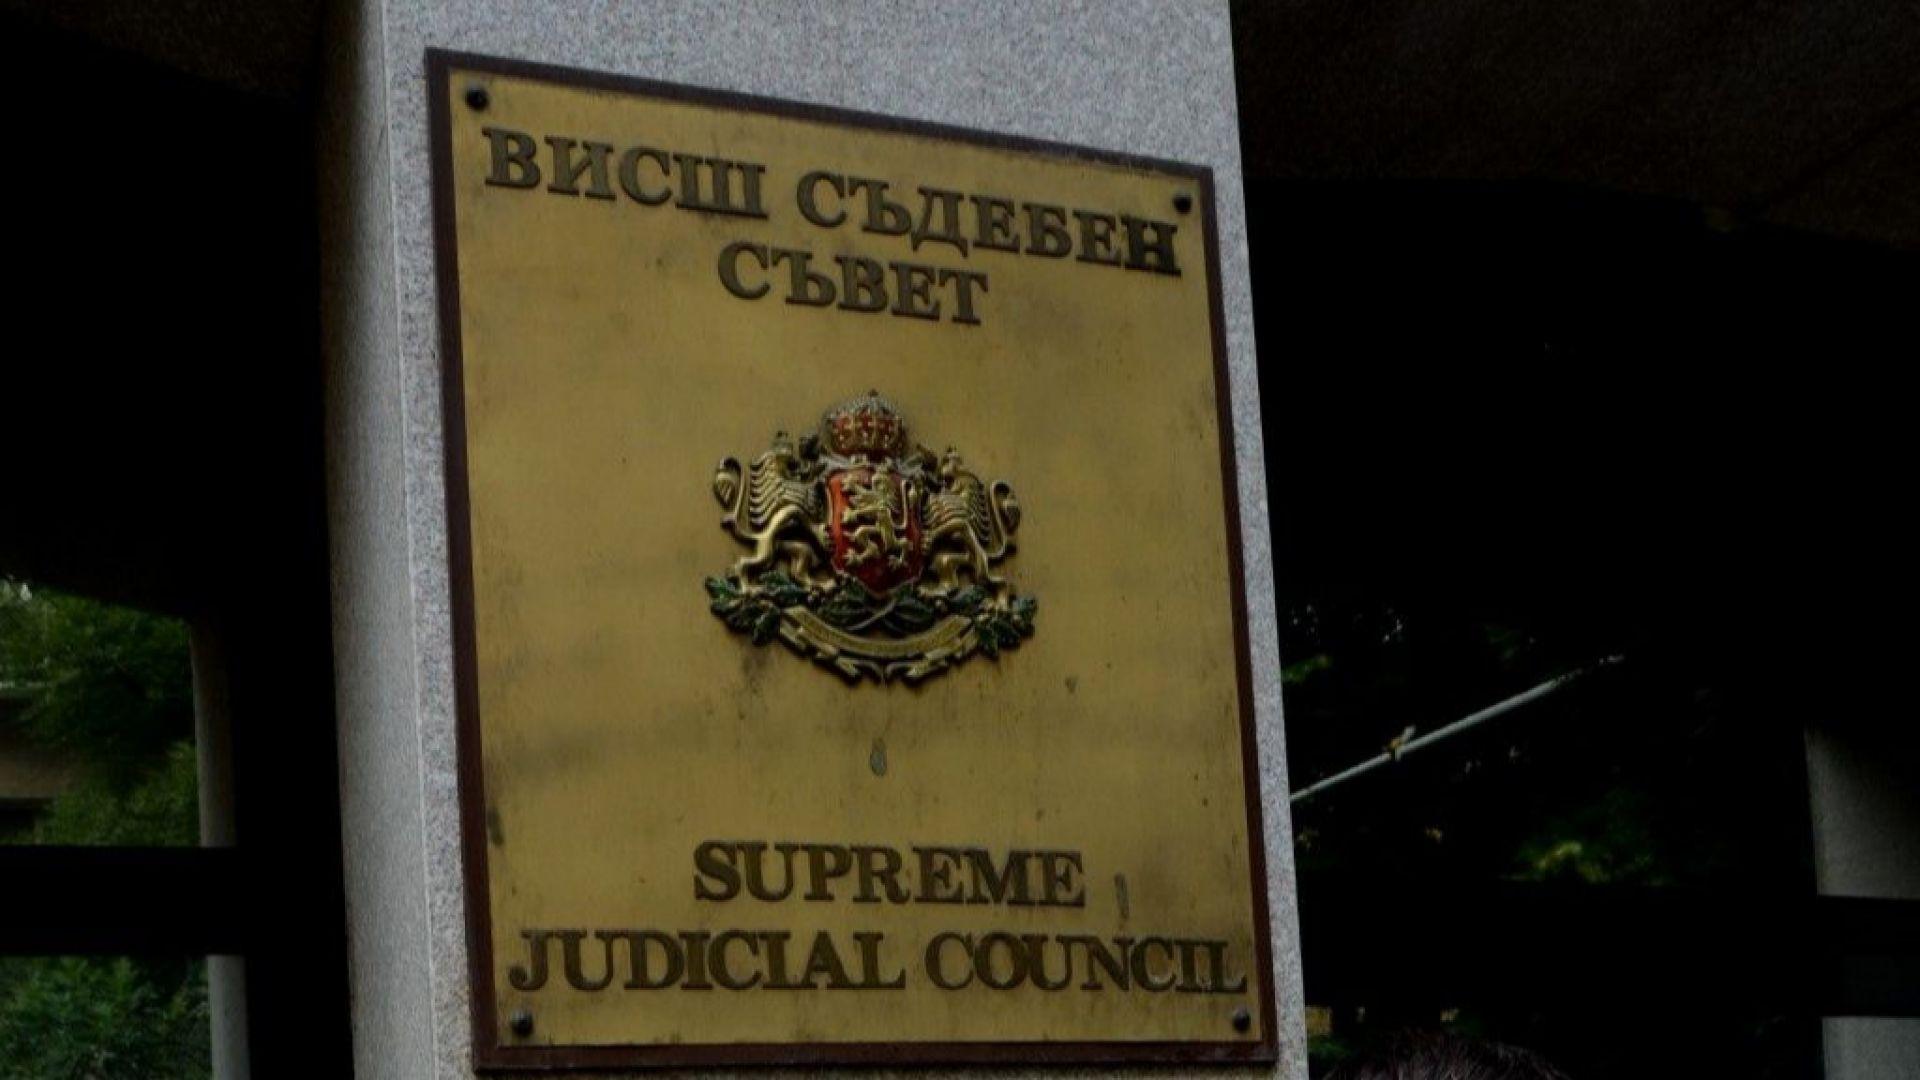 ВСС не съгласува проекта за бюджет за съдебната власт